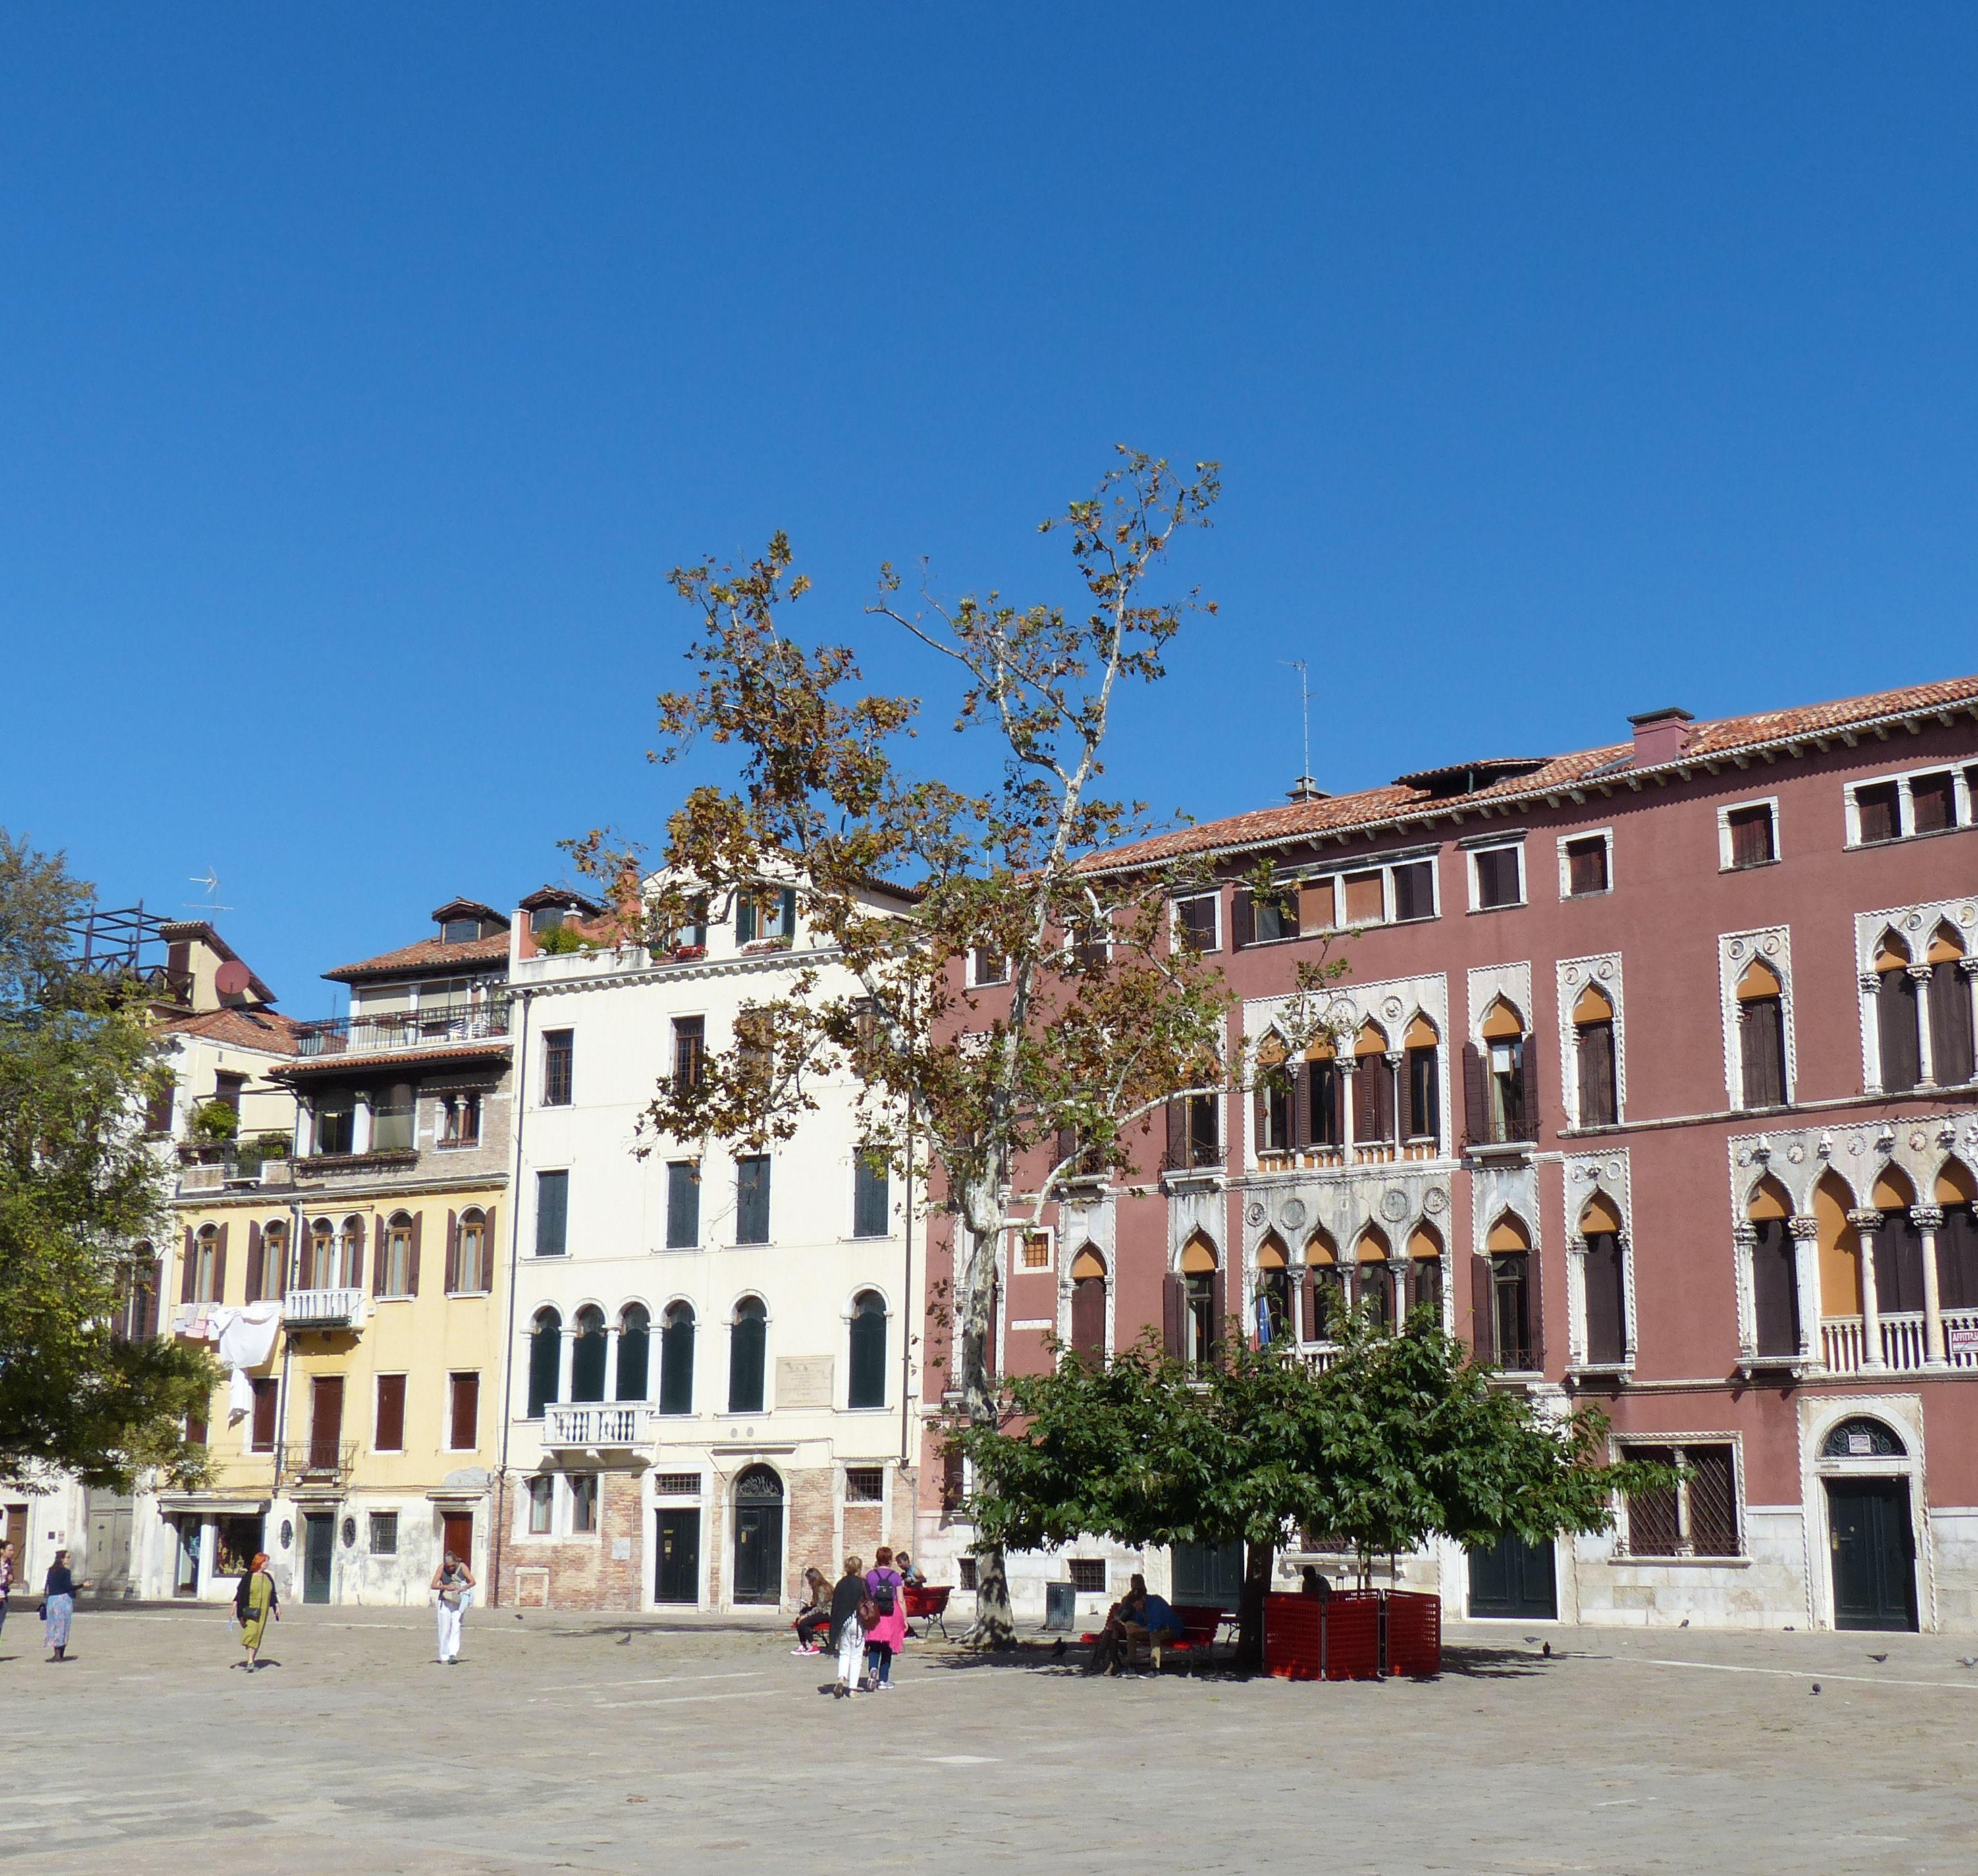 © Dipartimento di Scienze della Vita, Università di Trieste<br>by Andrea Moro<br>Comune di Venezia, San Polo, VE, Veneto, Italia, 04/10/2016<br>Distributed under CC-BY-SA 4.0 license.